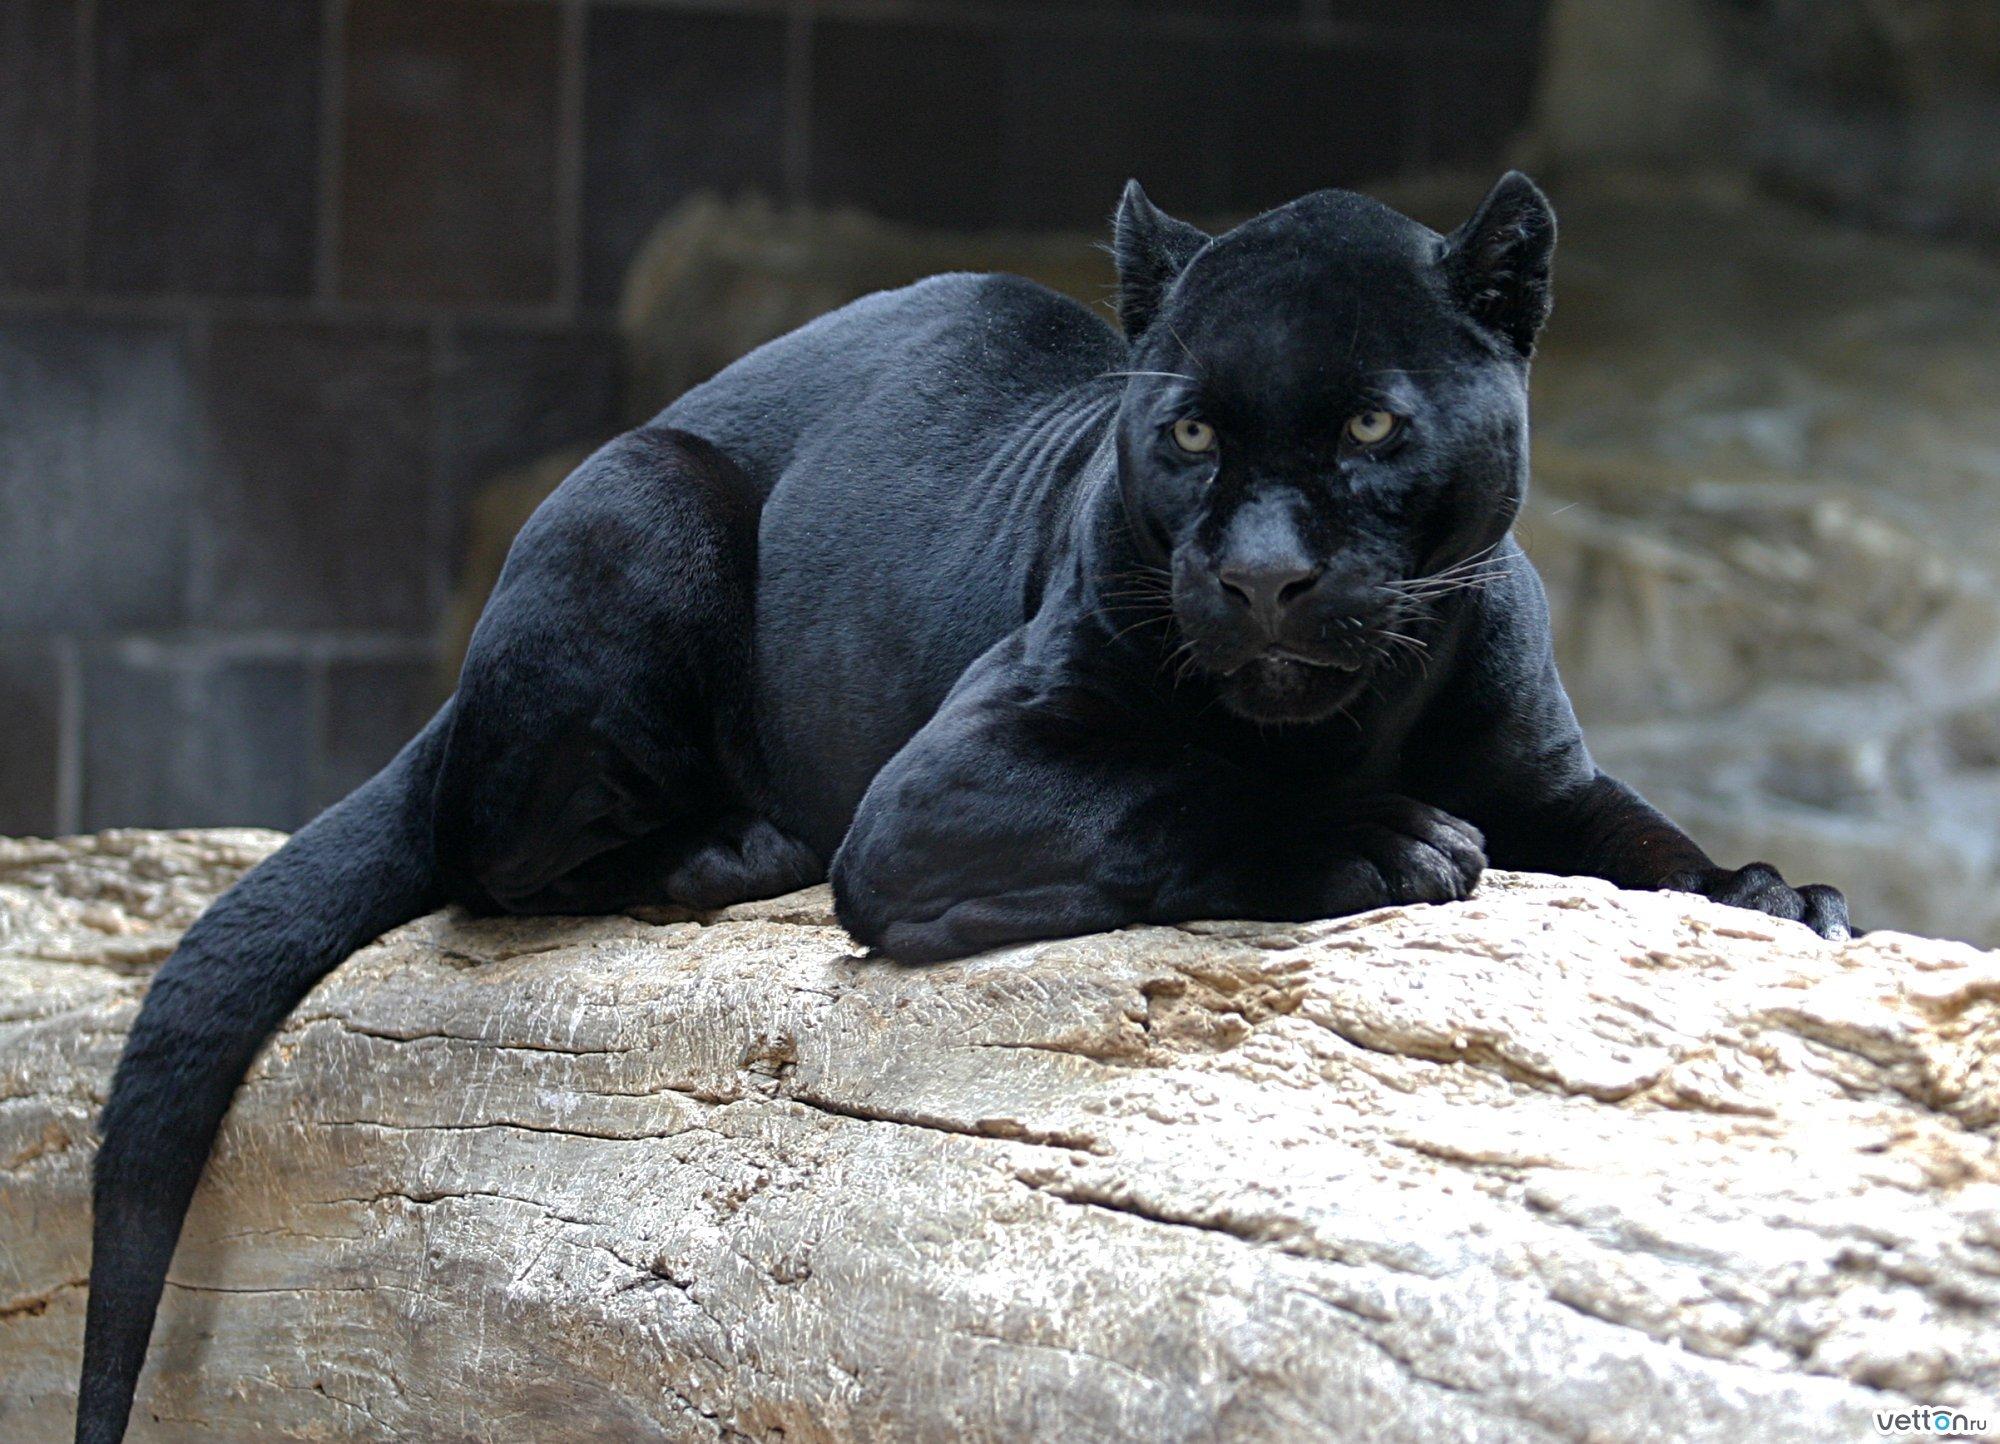 Обои №20715 2000x1444 дикие кошки животные